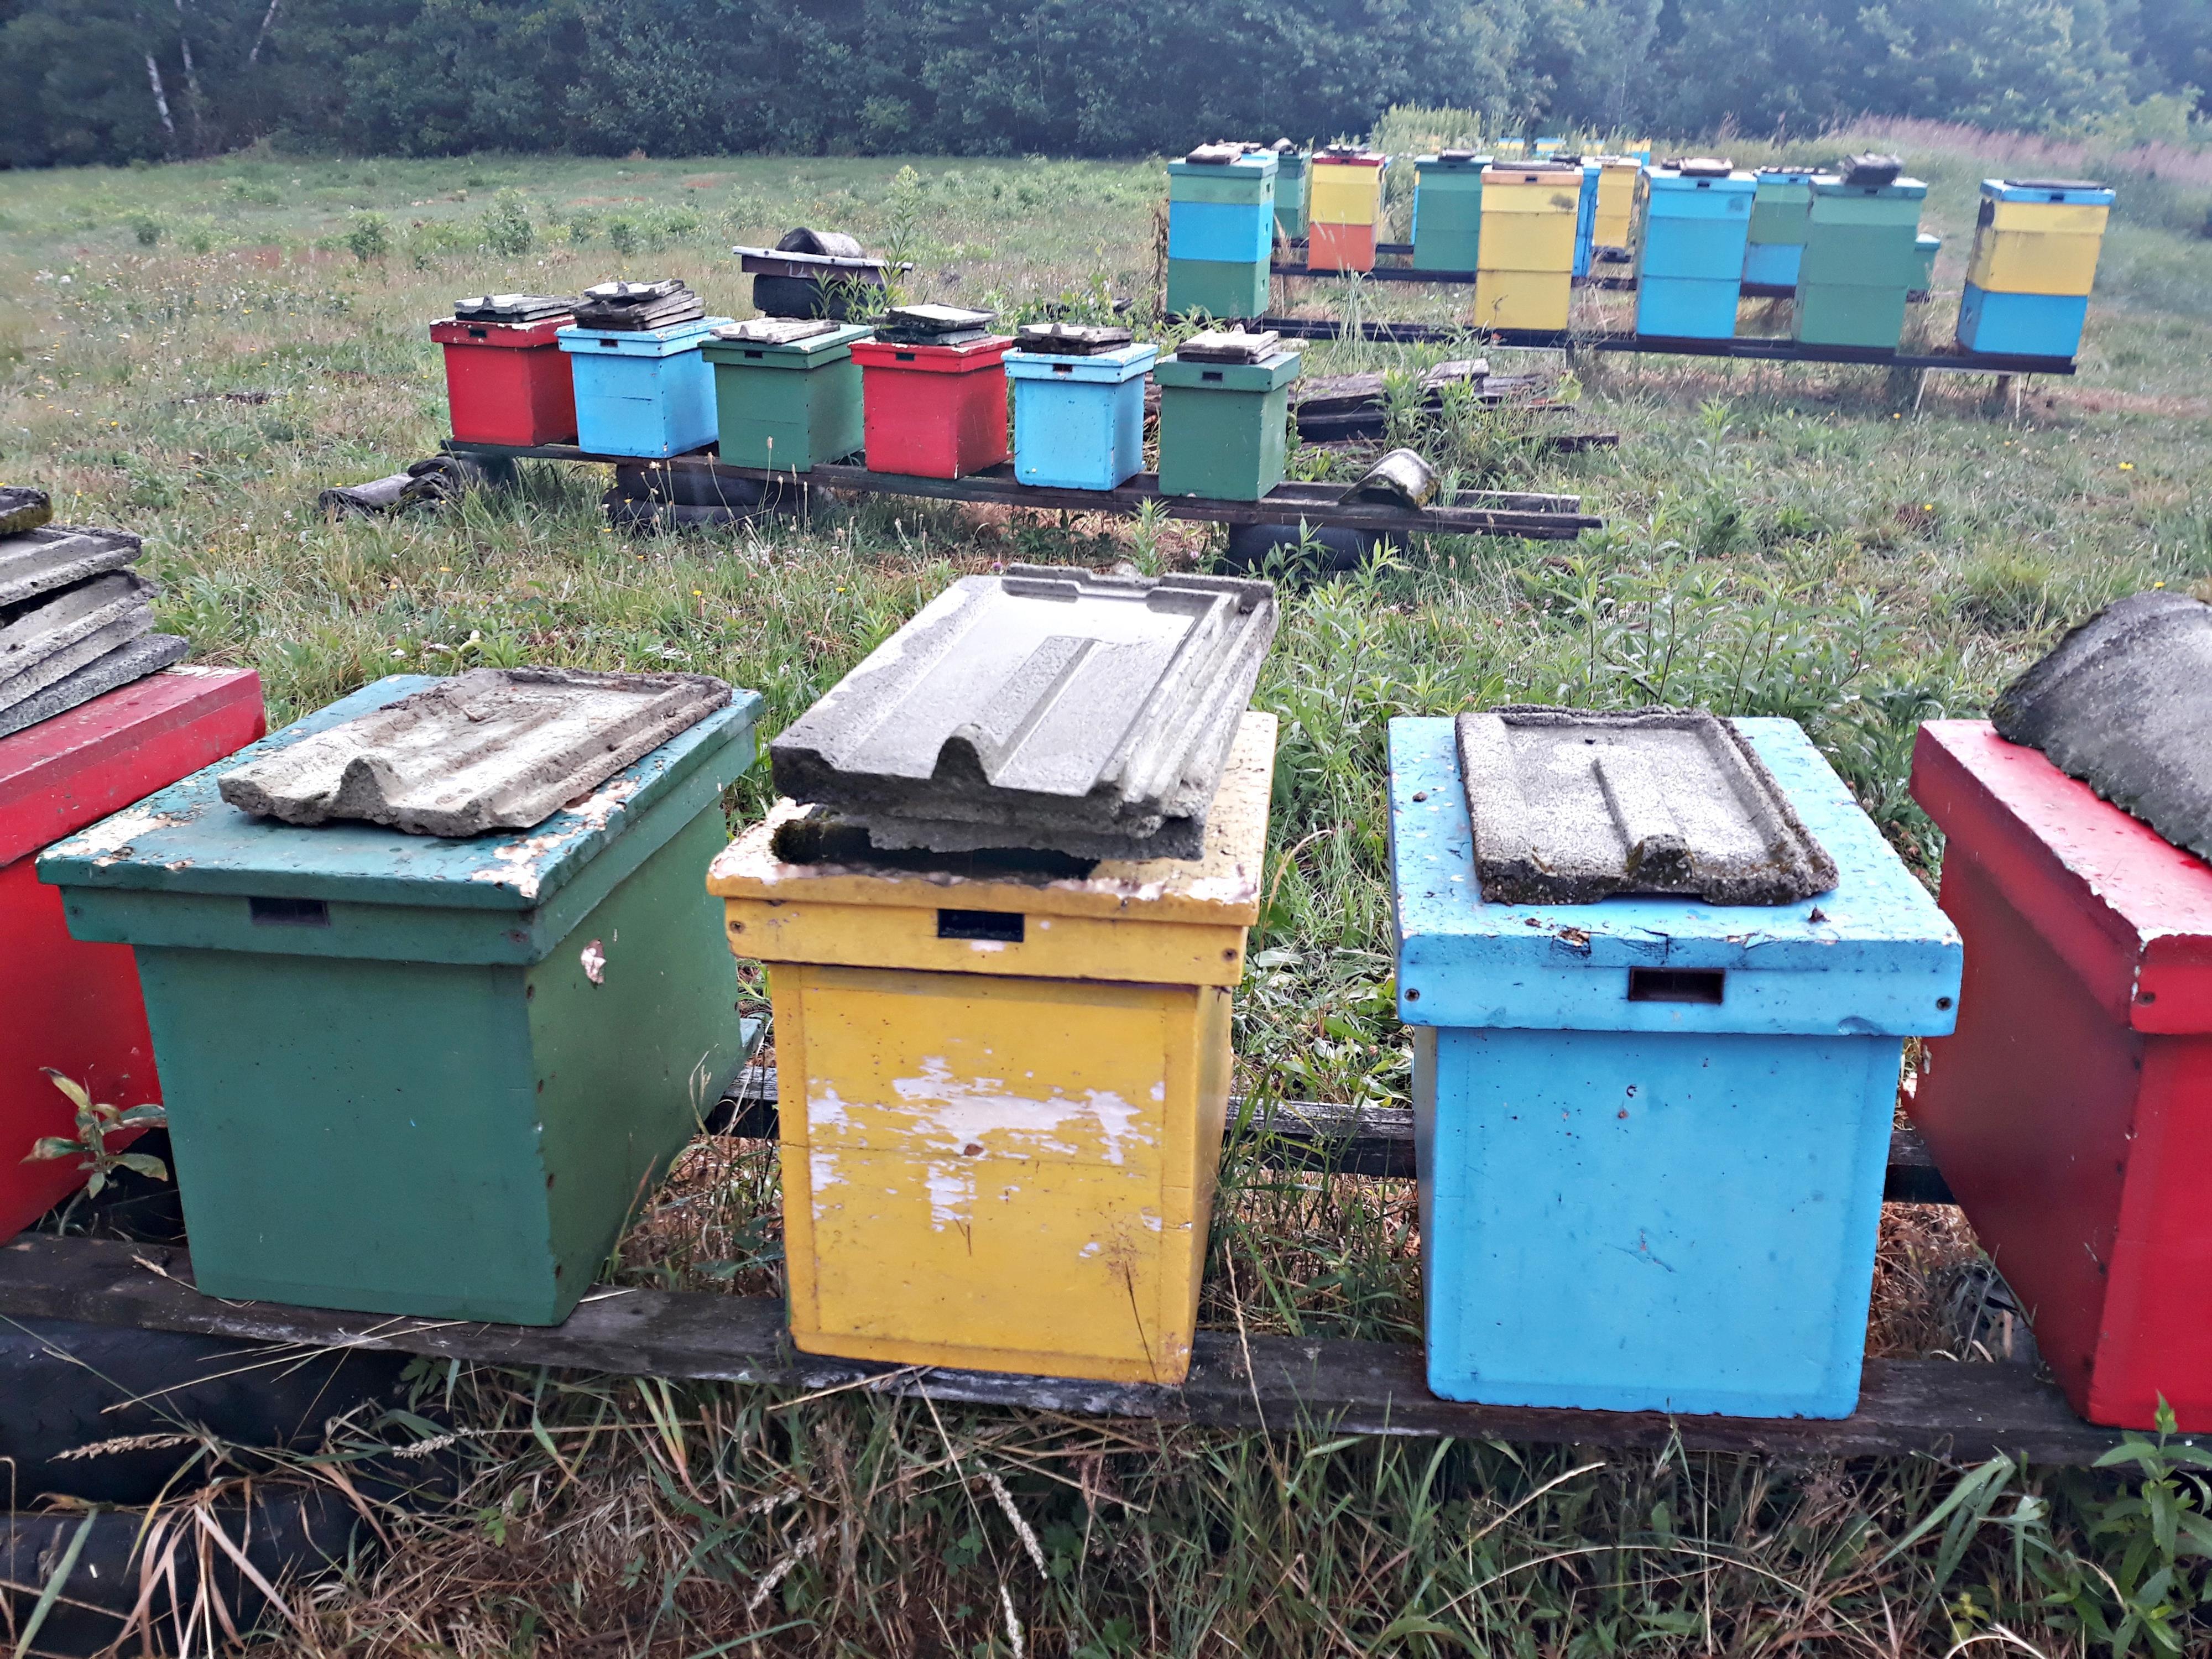 Okrutna śmierć milionów pszczół. Tragedia w Wysokiej [VIDEO]